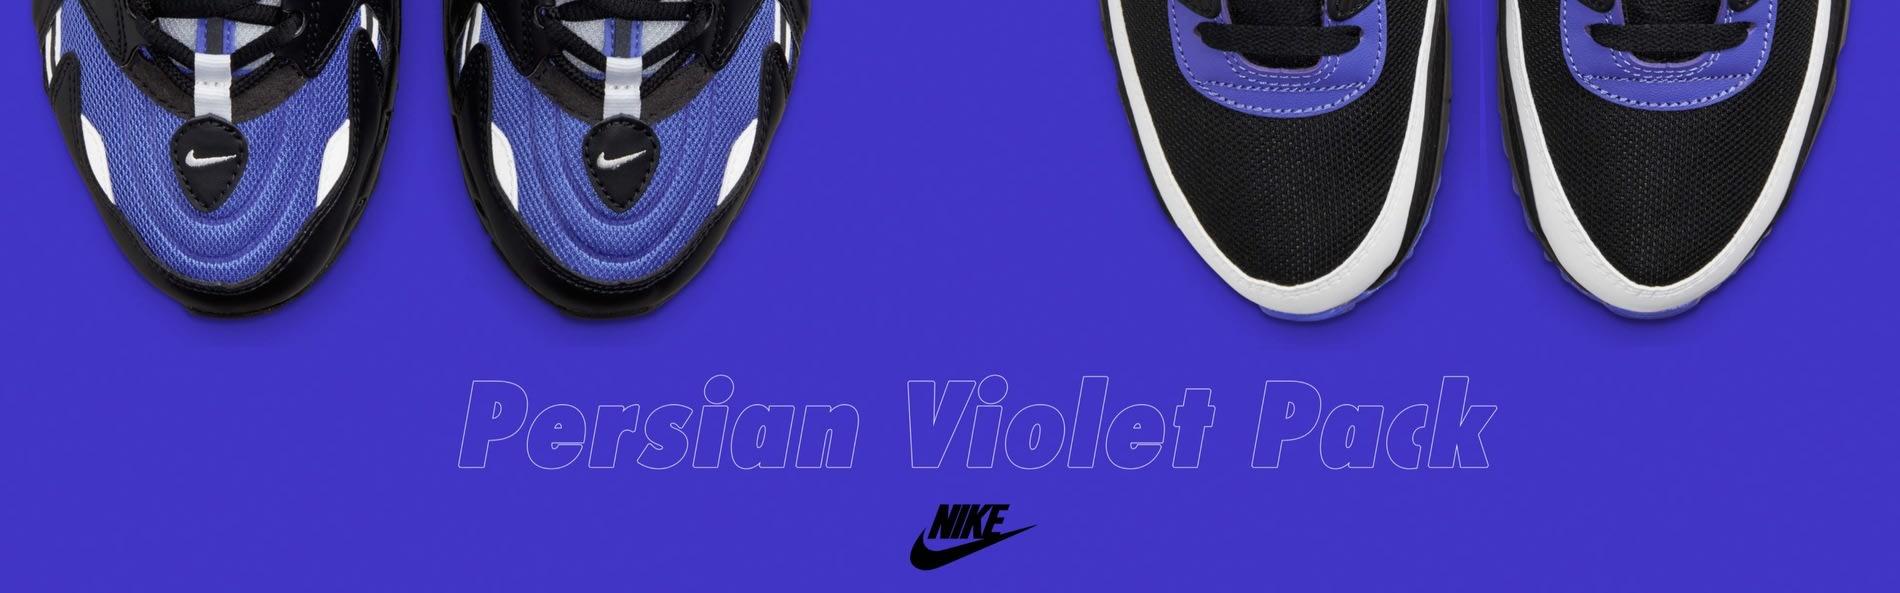 Nike 'Persian Violet' Pack